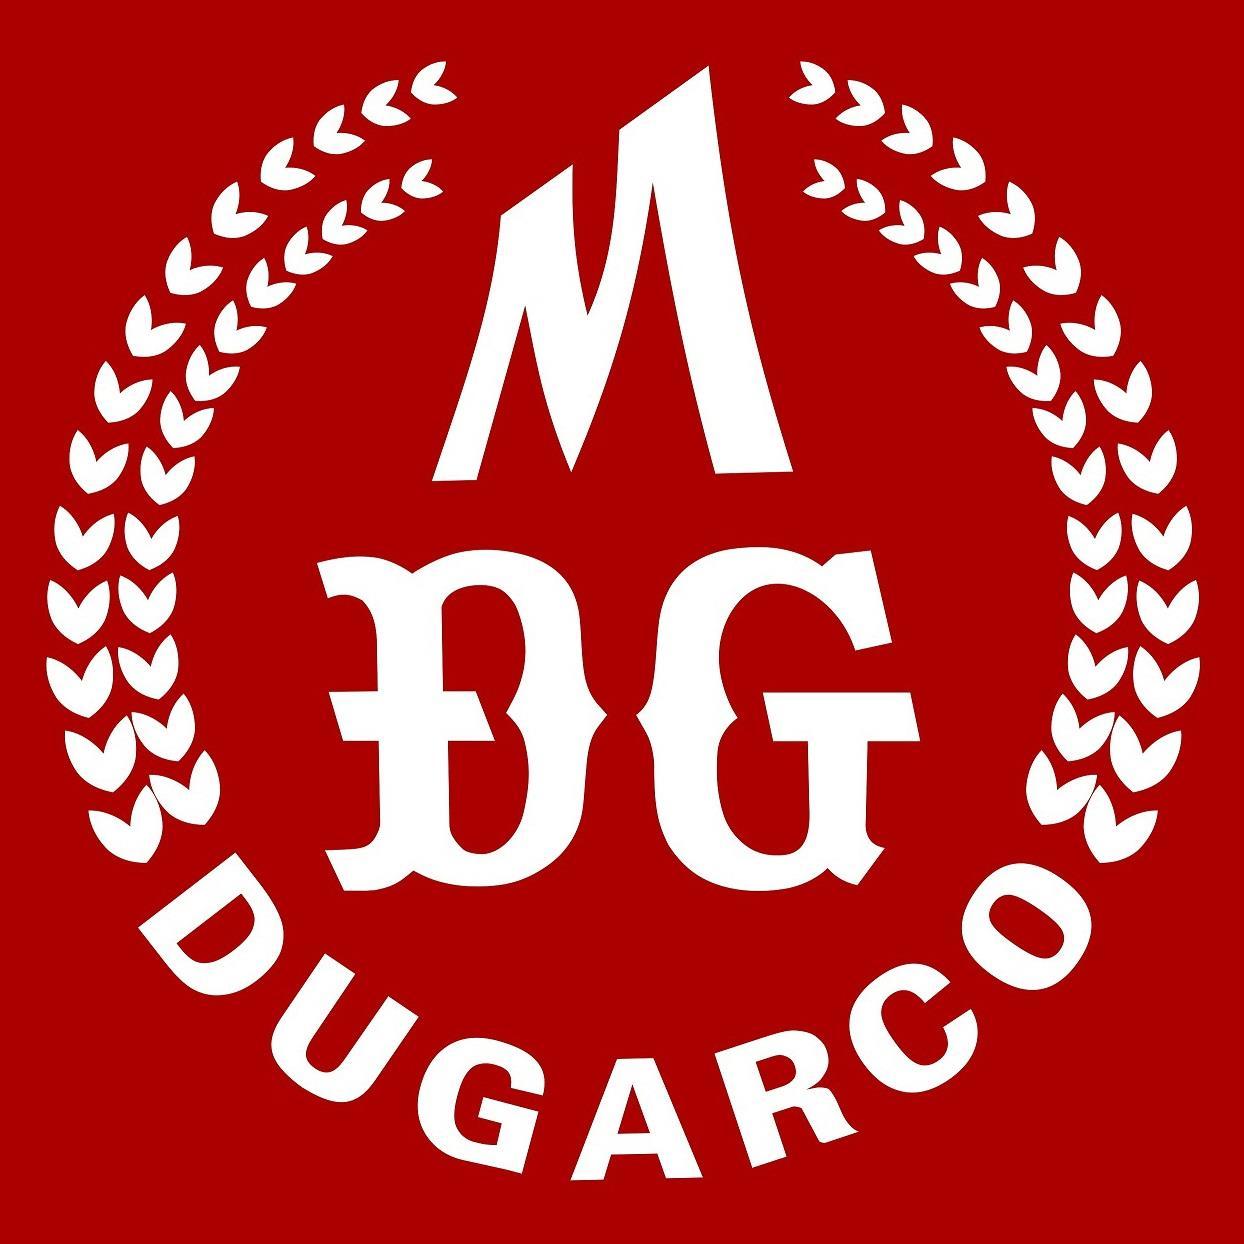 MGG: Nghị quyết Hội đồng quản trị